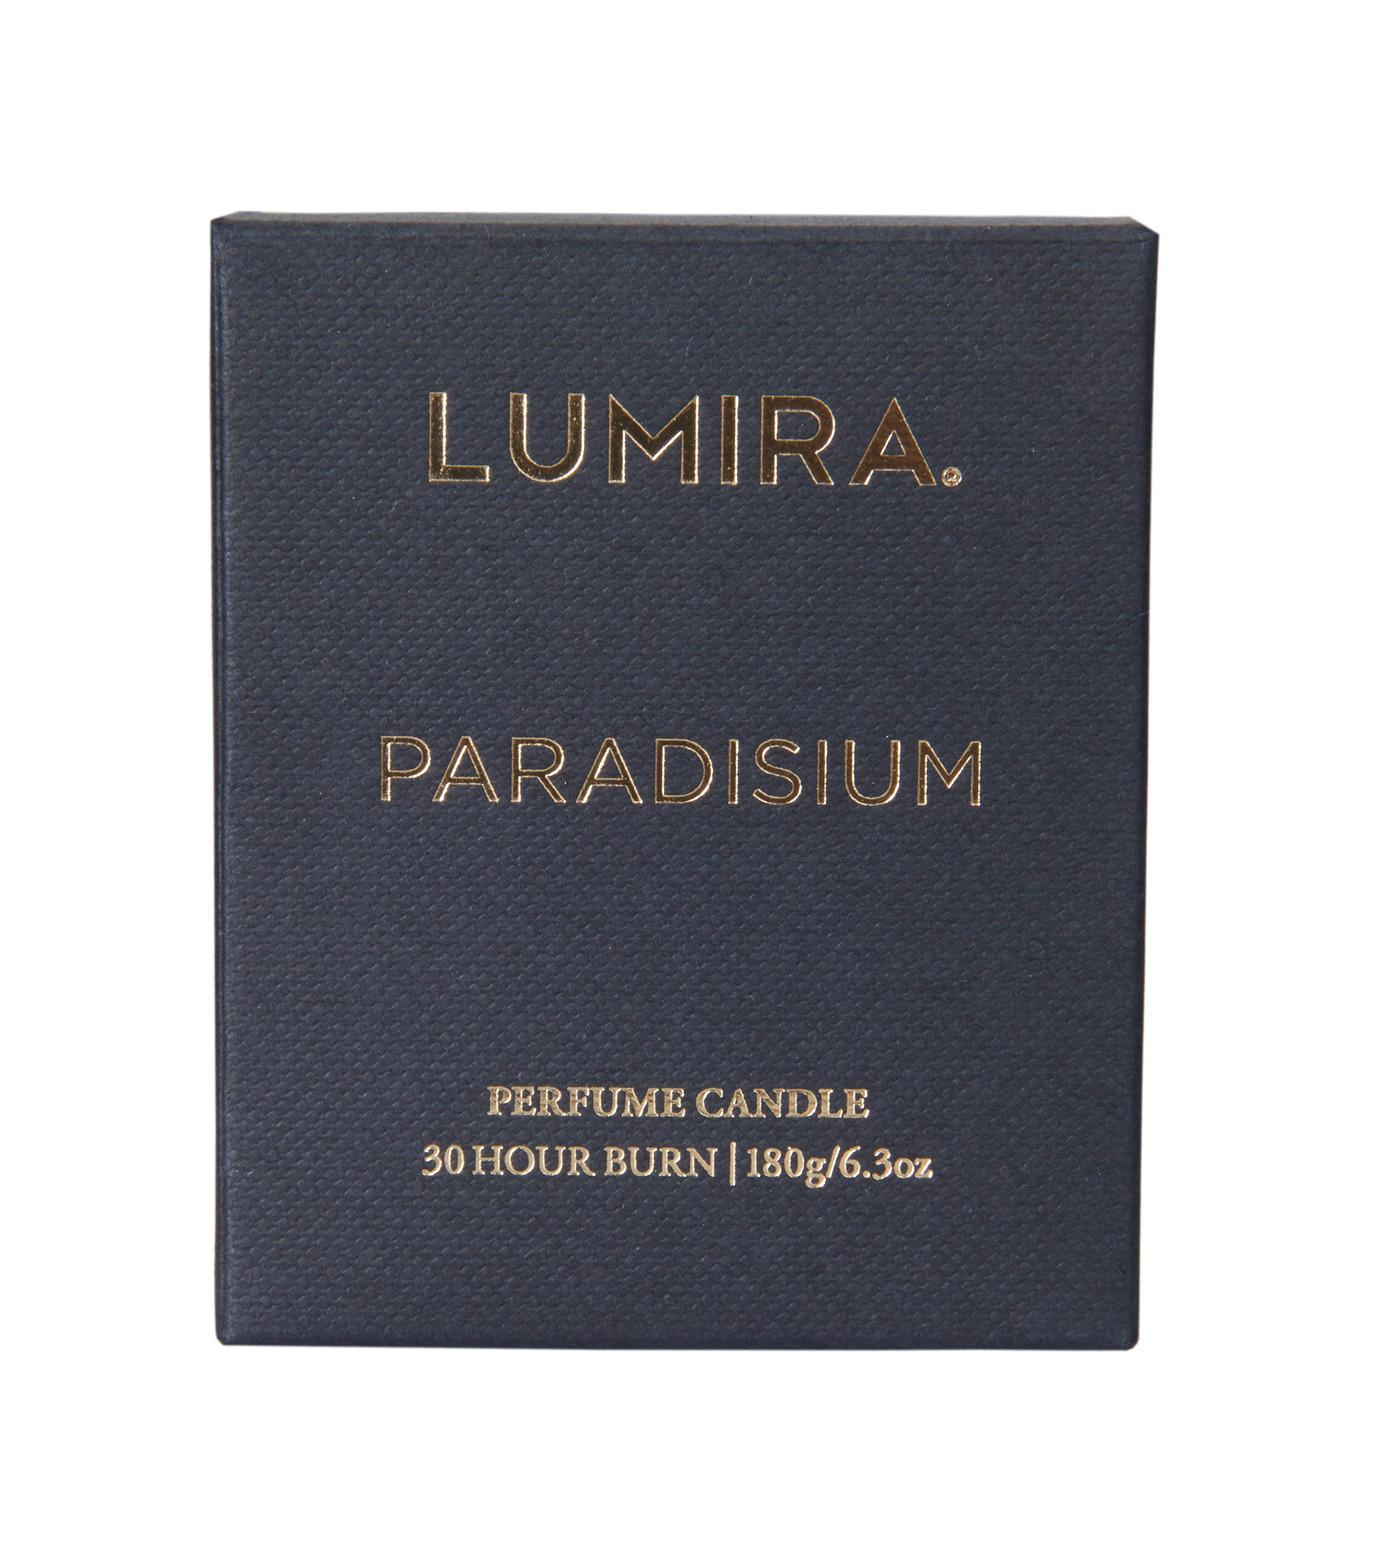 LUMIRA(ルミラ)のParadisium Hand&Body Cream-BLACK(スキンケア/skincare)-103-FA-003-13 拡大詳細画像2